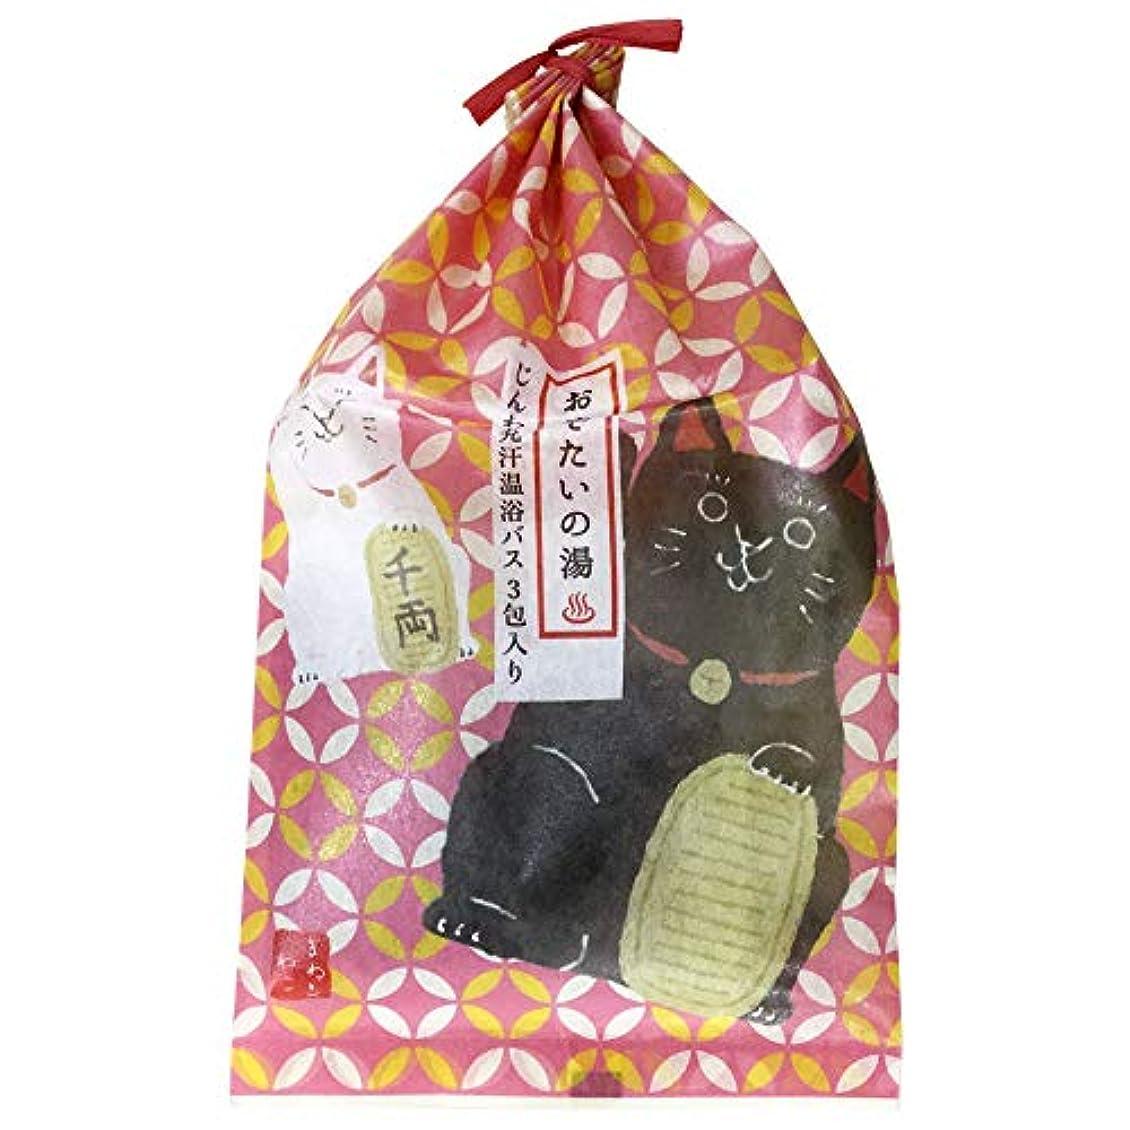 包帯ナチュラル毛布【招き猫(60789)】 チャーリー おめでたいの湯 バスバッグ3包入り 日本製